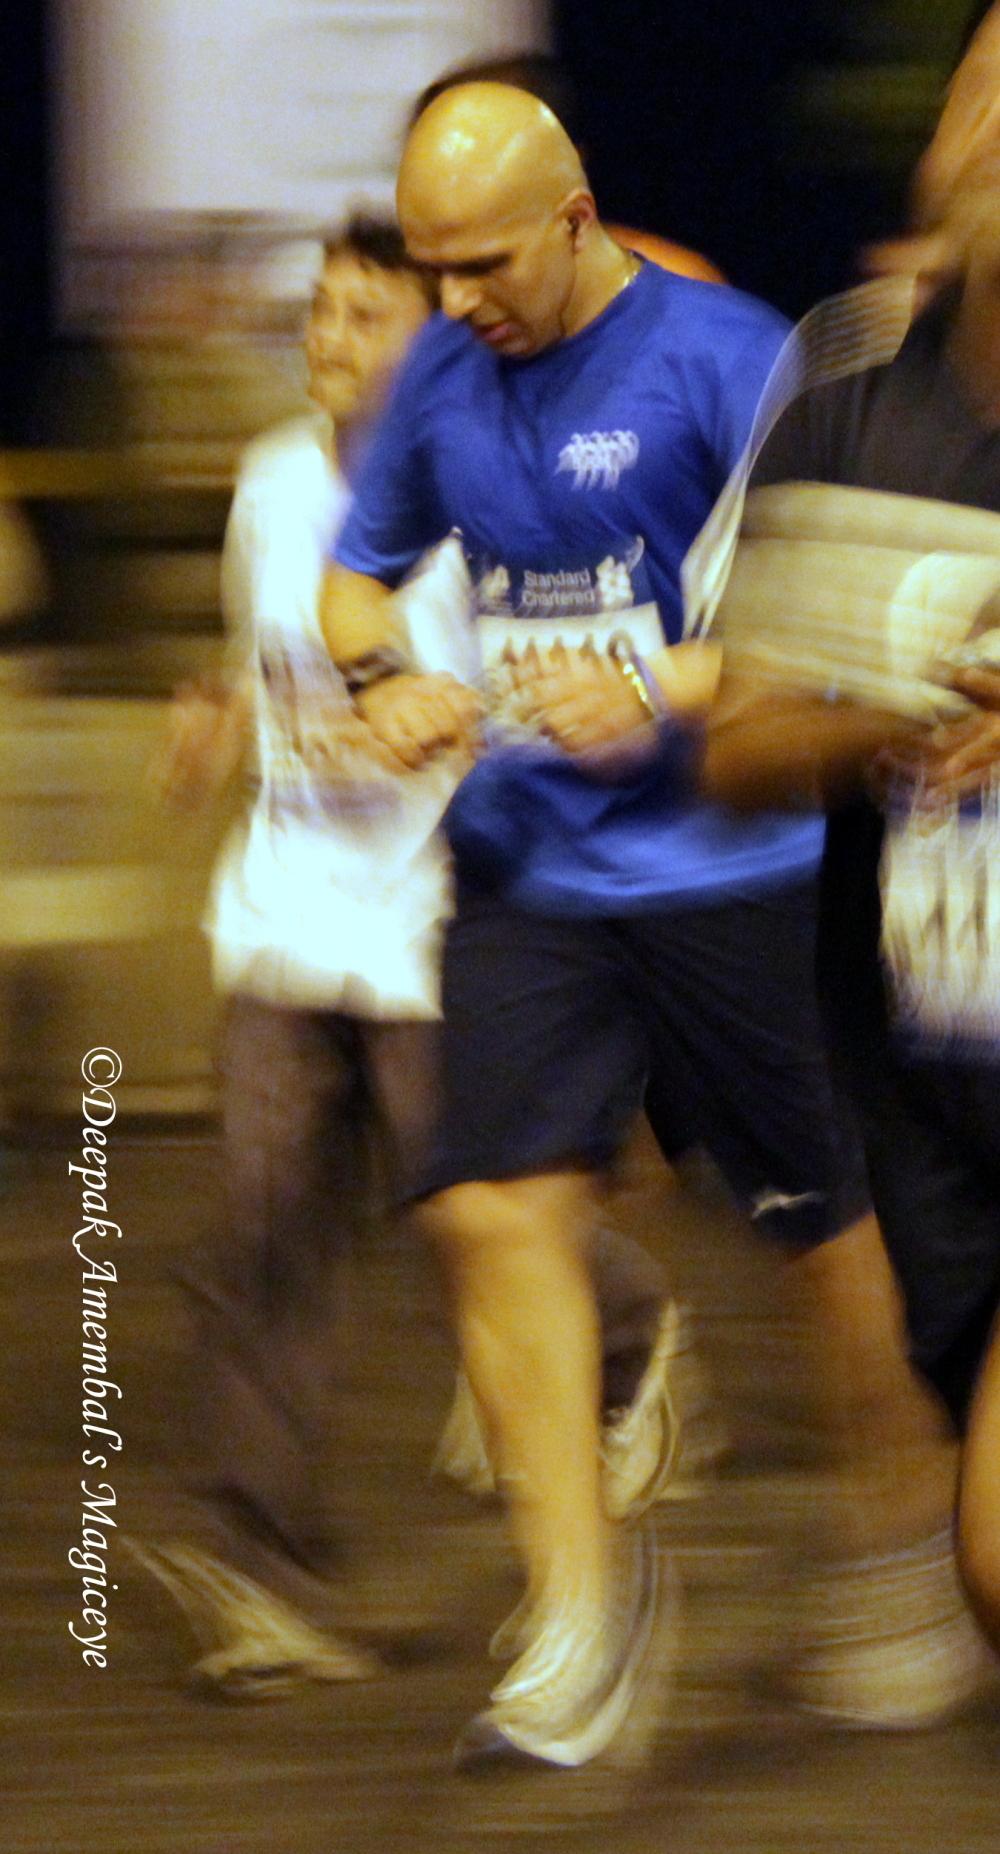 Run or Dance